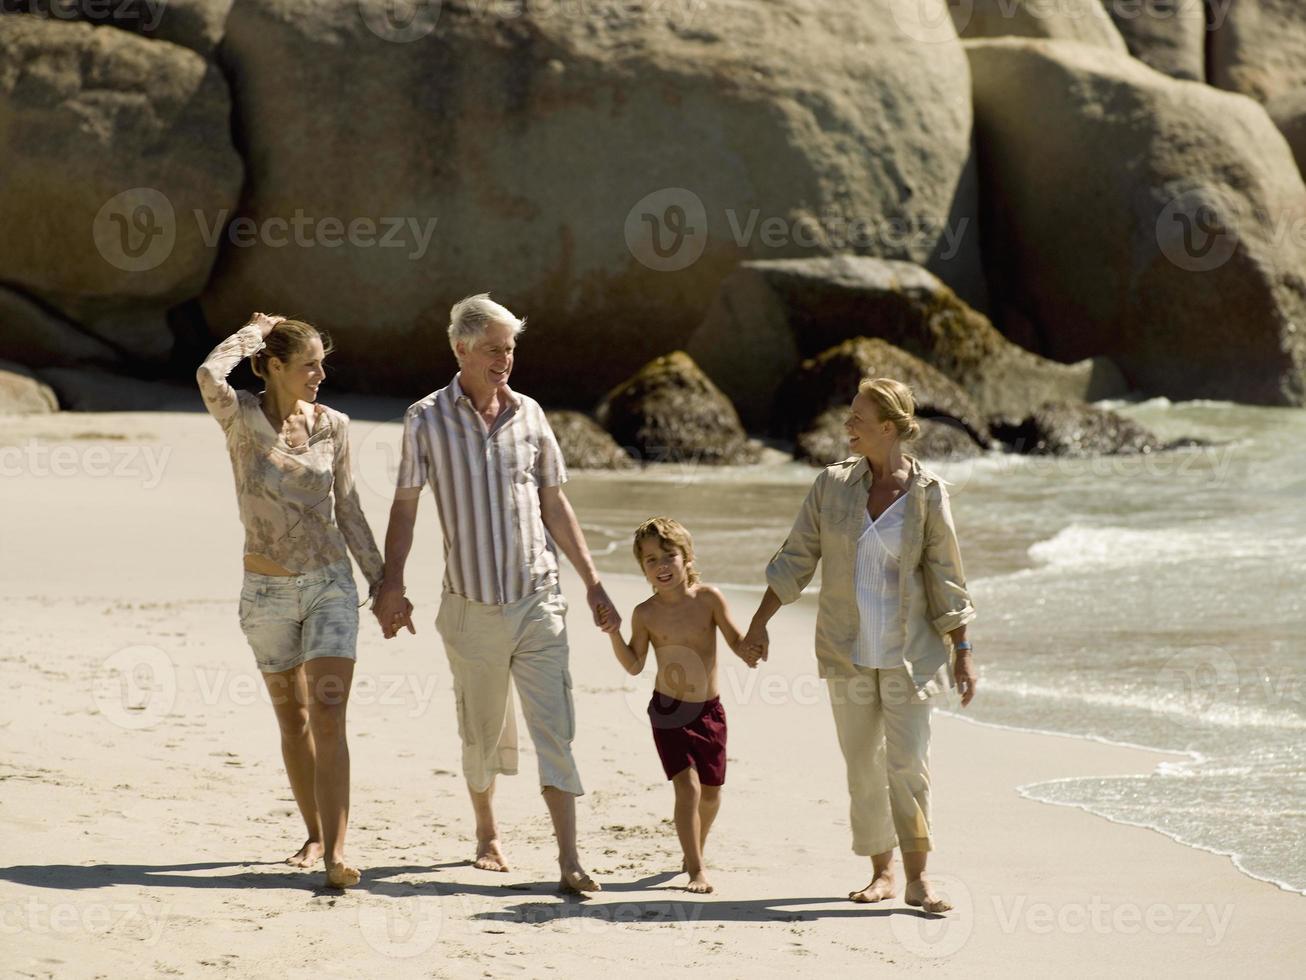 familie op een strand. foto